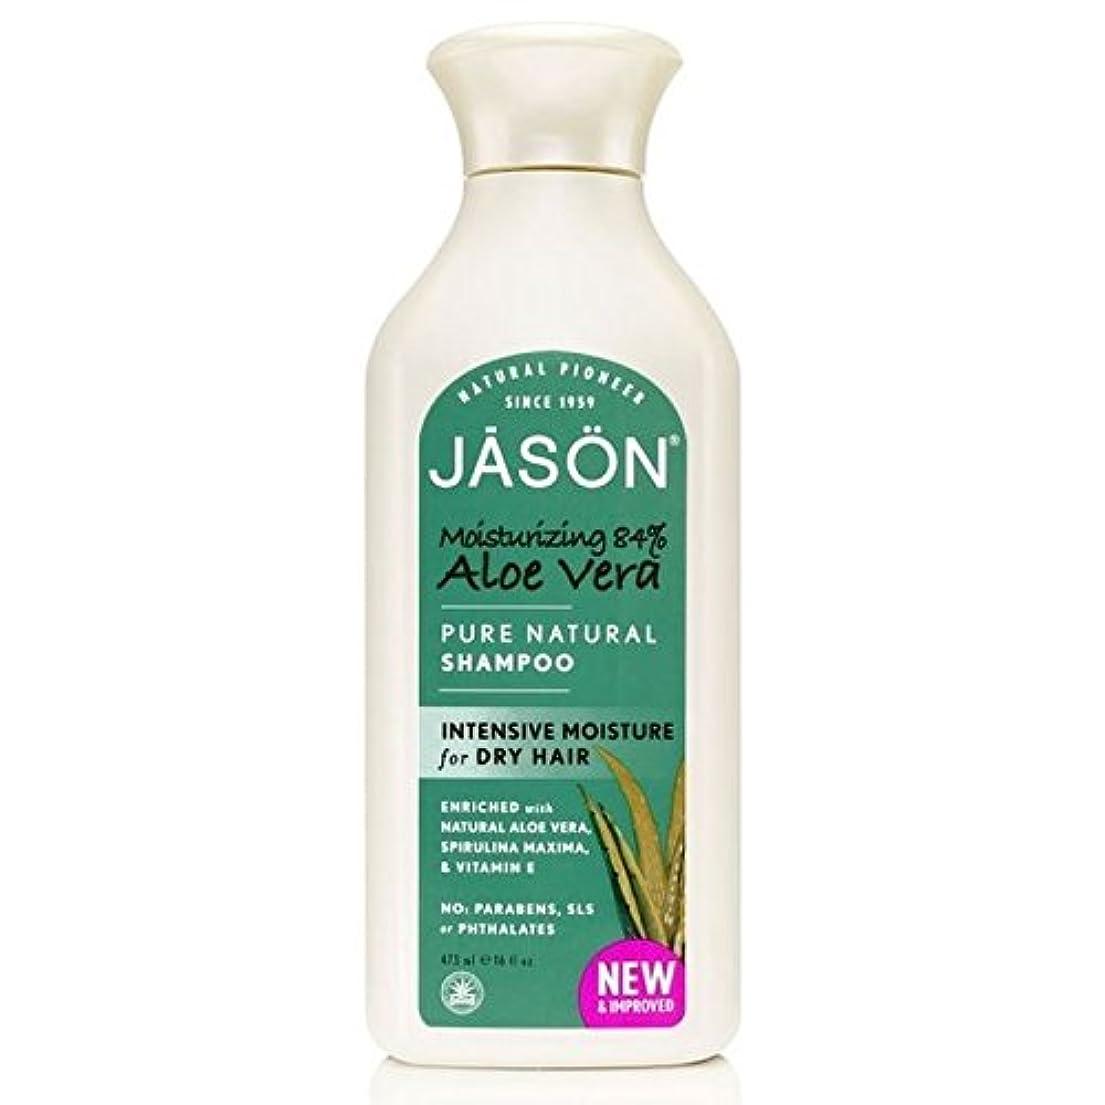 確かに尊敬する荒らすJason Aloe Vera 84% Pure Natural Shampoo 475ml - ジェイソンのアロエベラ84%の純粋な天然シャンプー475ミリリットル [並行輸入品]